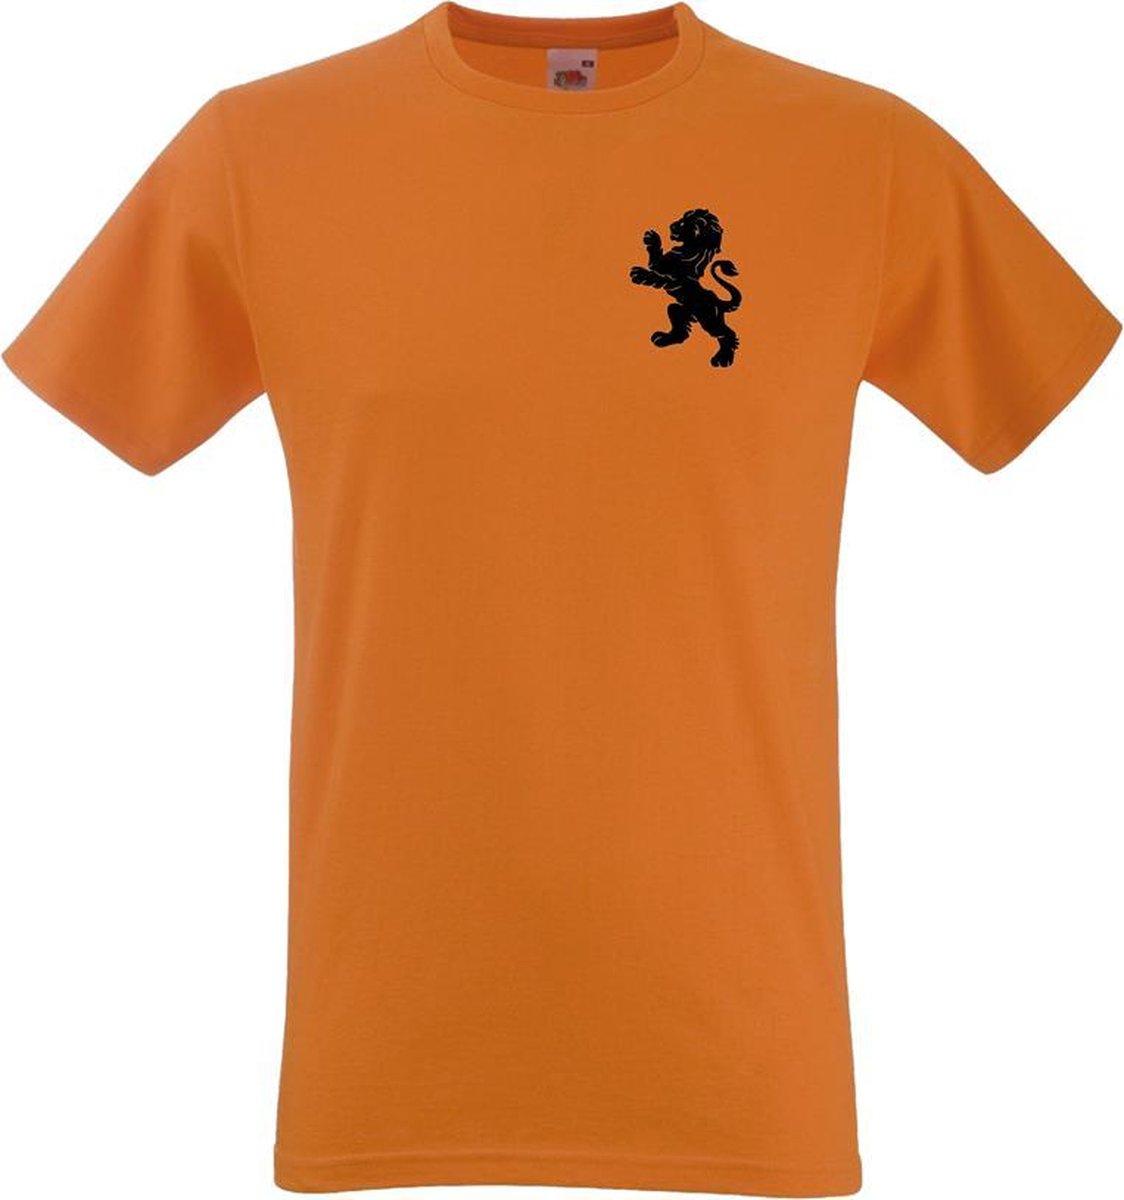 Oranje Dames T-shirt - Koningsdag - EK - Formule 1